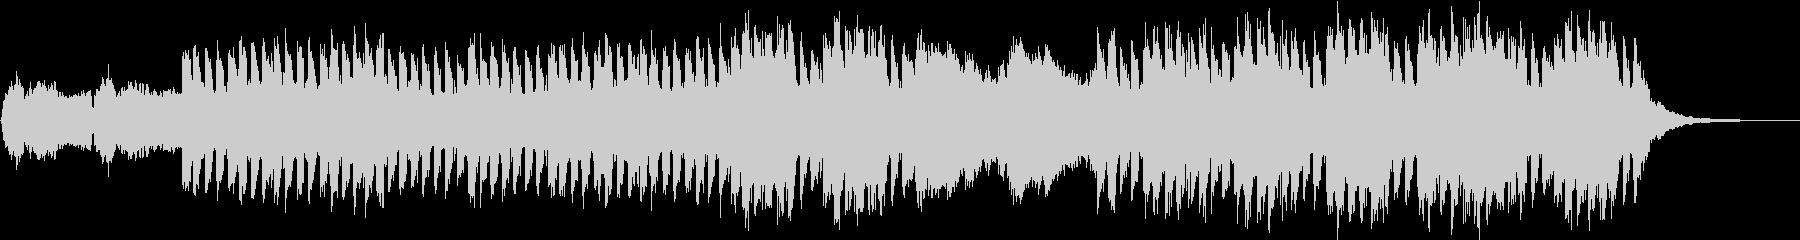 おしゃれ・モダン・EDM2の未再生の波形